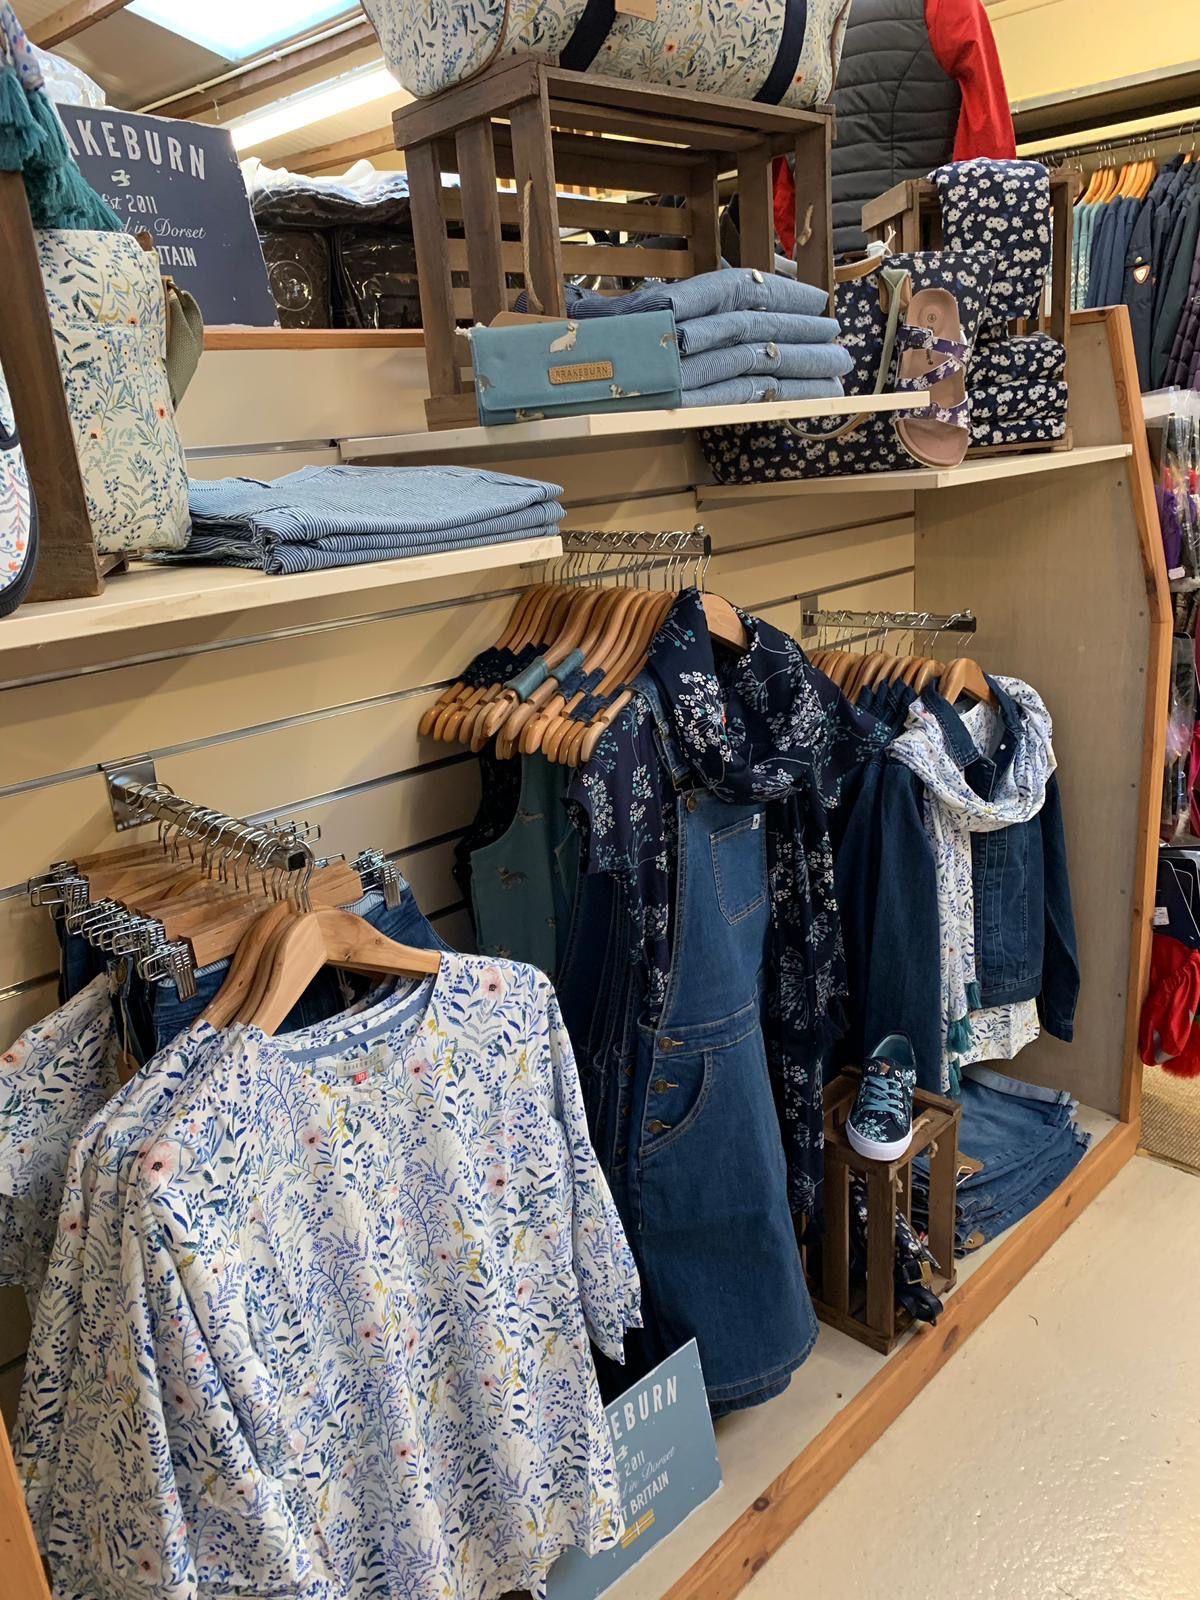 Brakeburn clothing at Riseholme Feeds